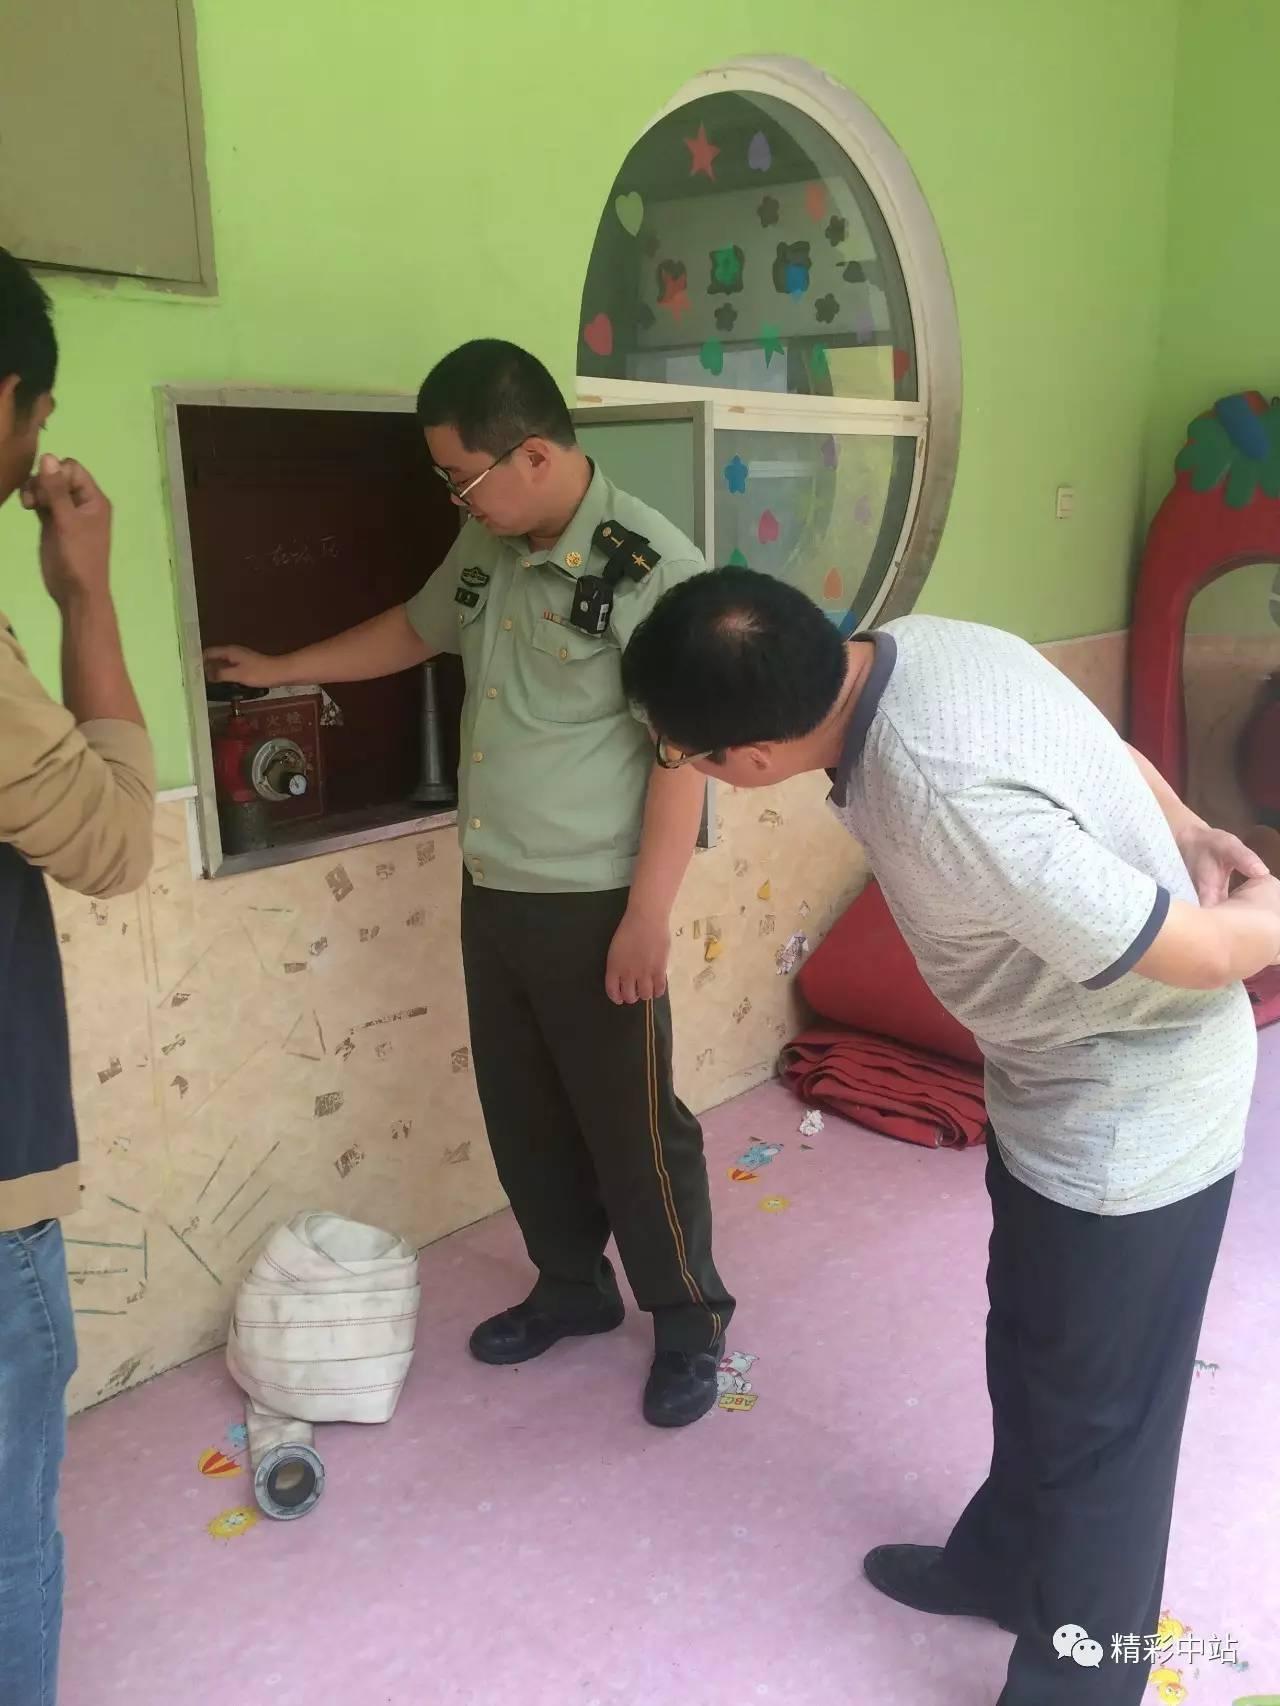 中站区严查幼儿园夏季消防安全隐患